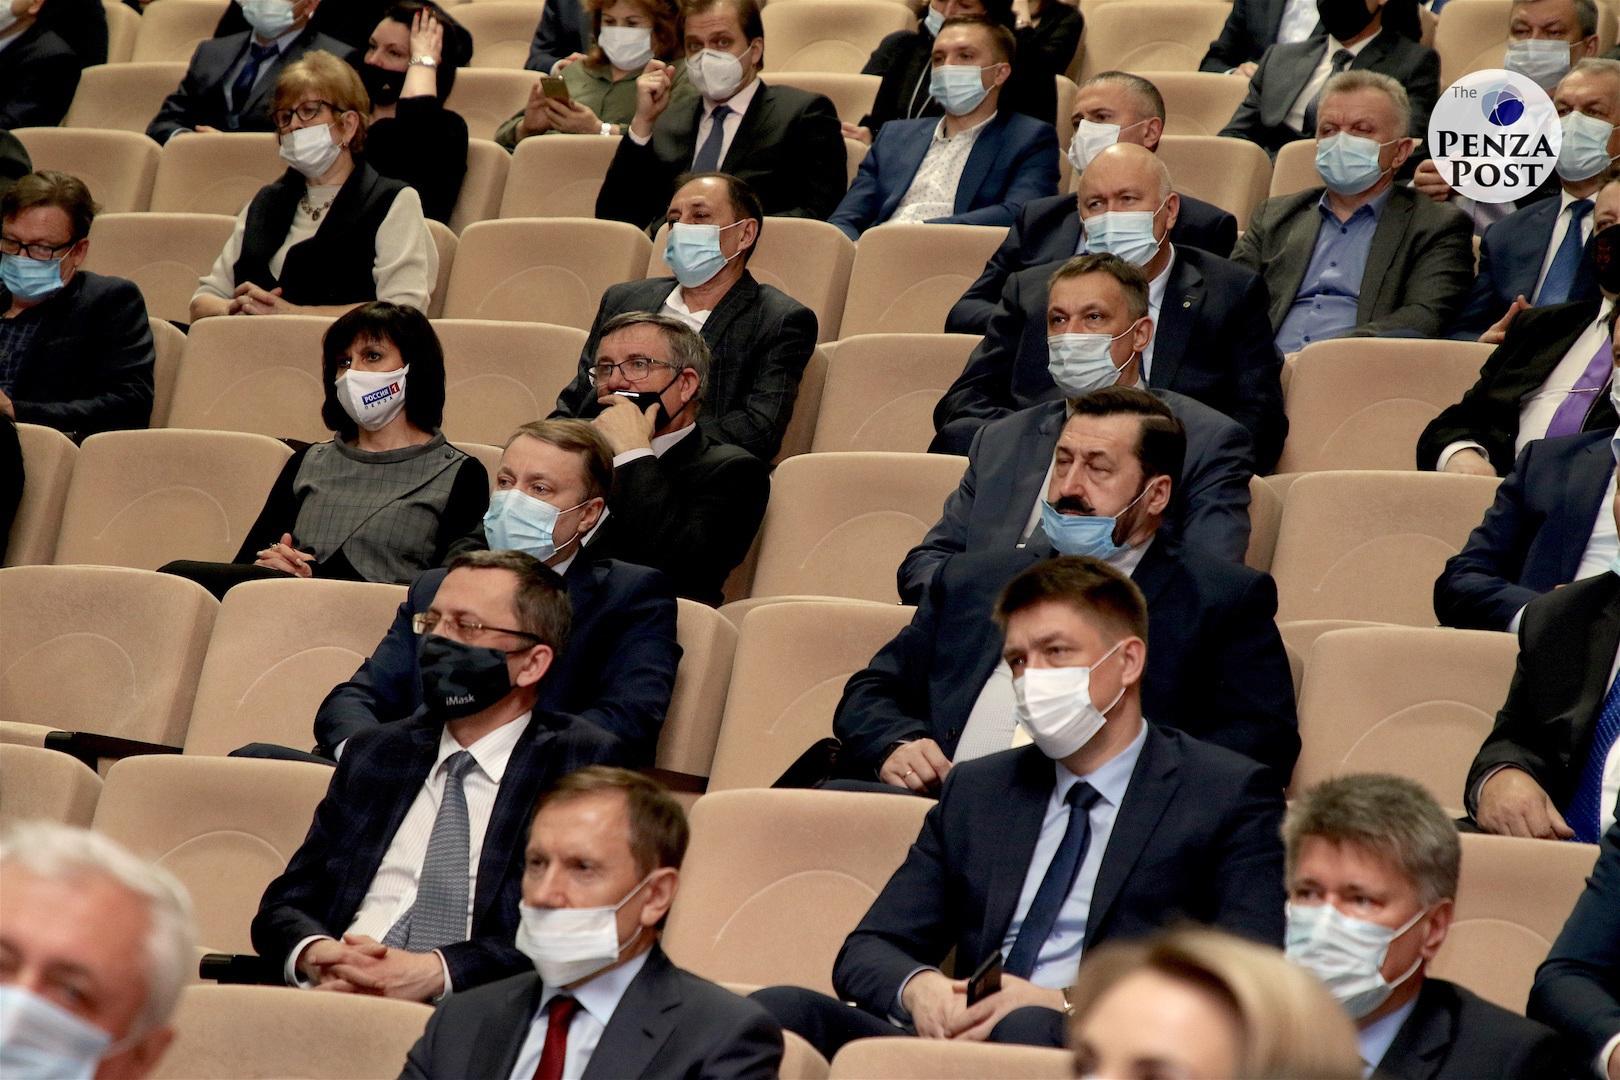 «Послание - от слова послал». Взгляд Гражданского общества на инвестпослание Белозерцева в Пензе. Впечатлительным - не читать!